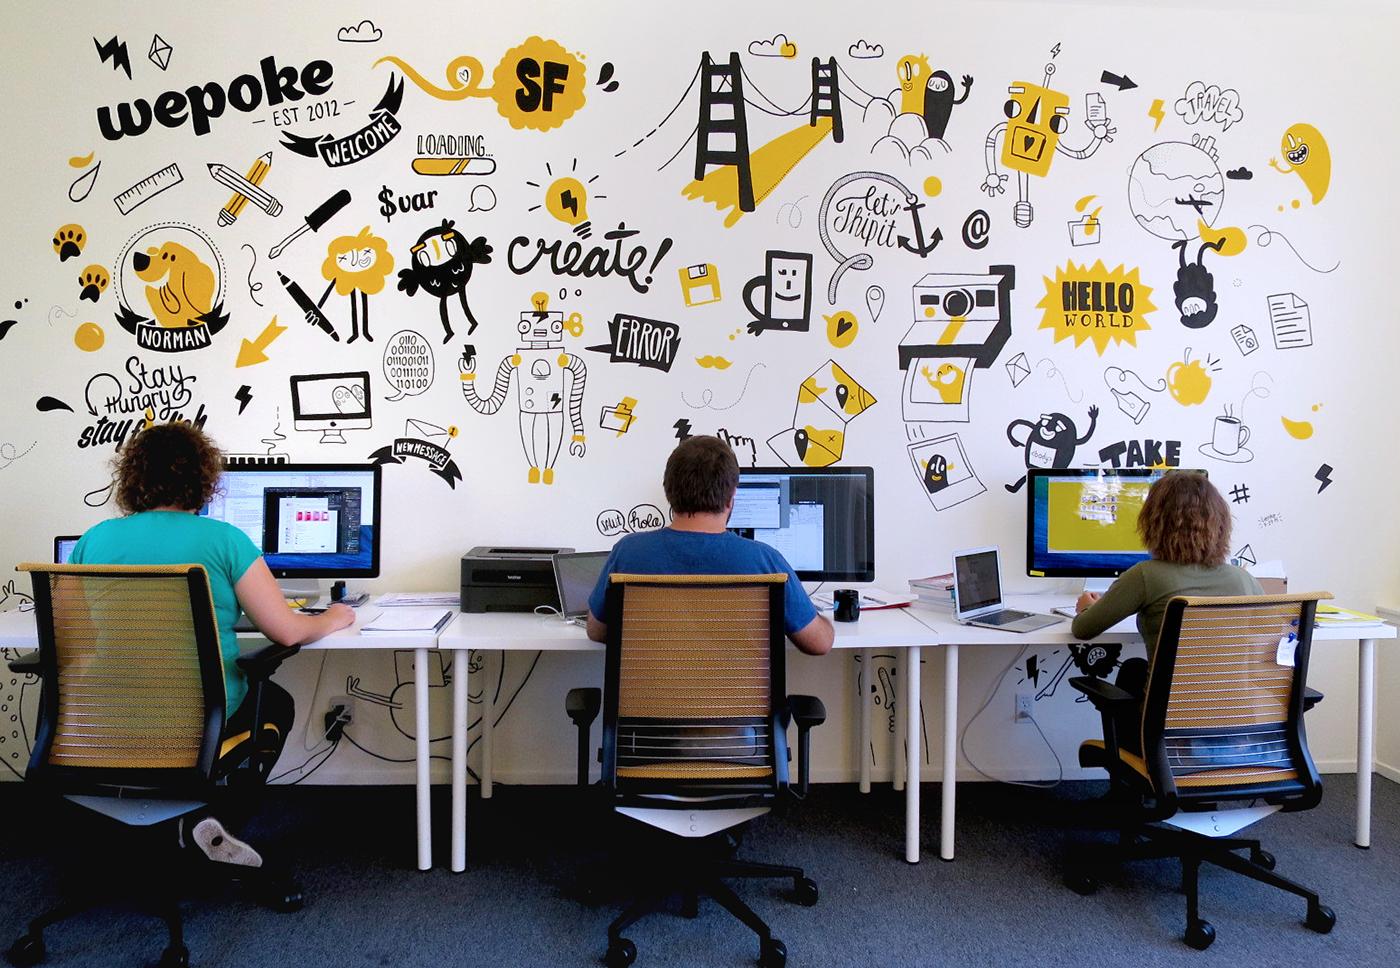 многих рисунок для офиса на стену стал отходить